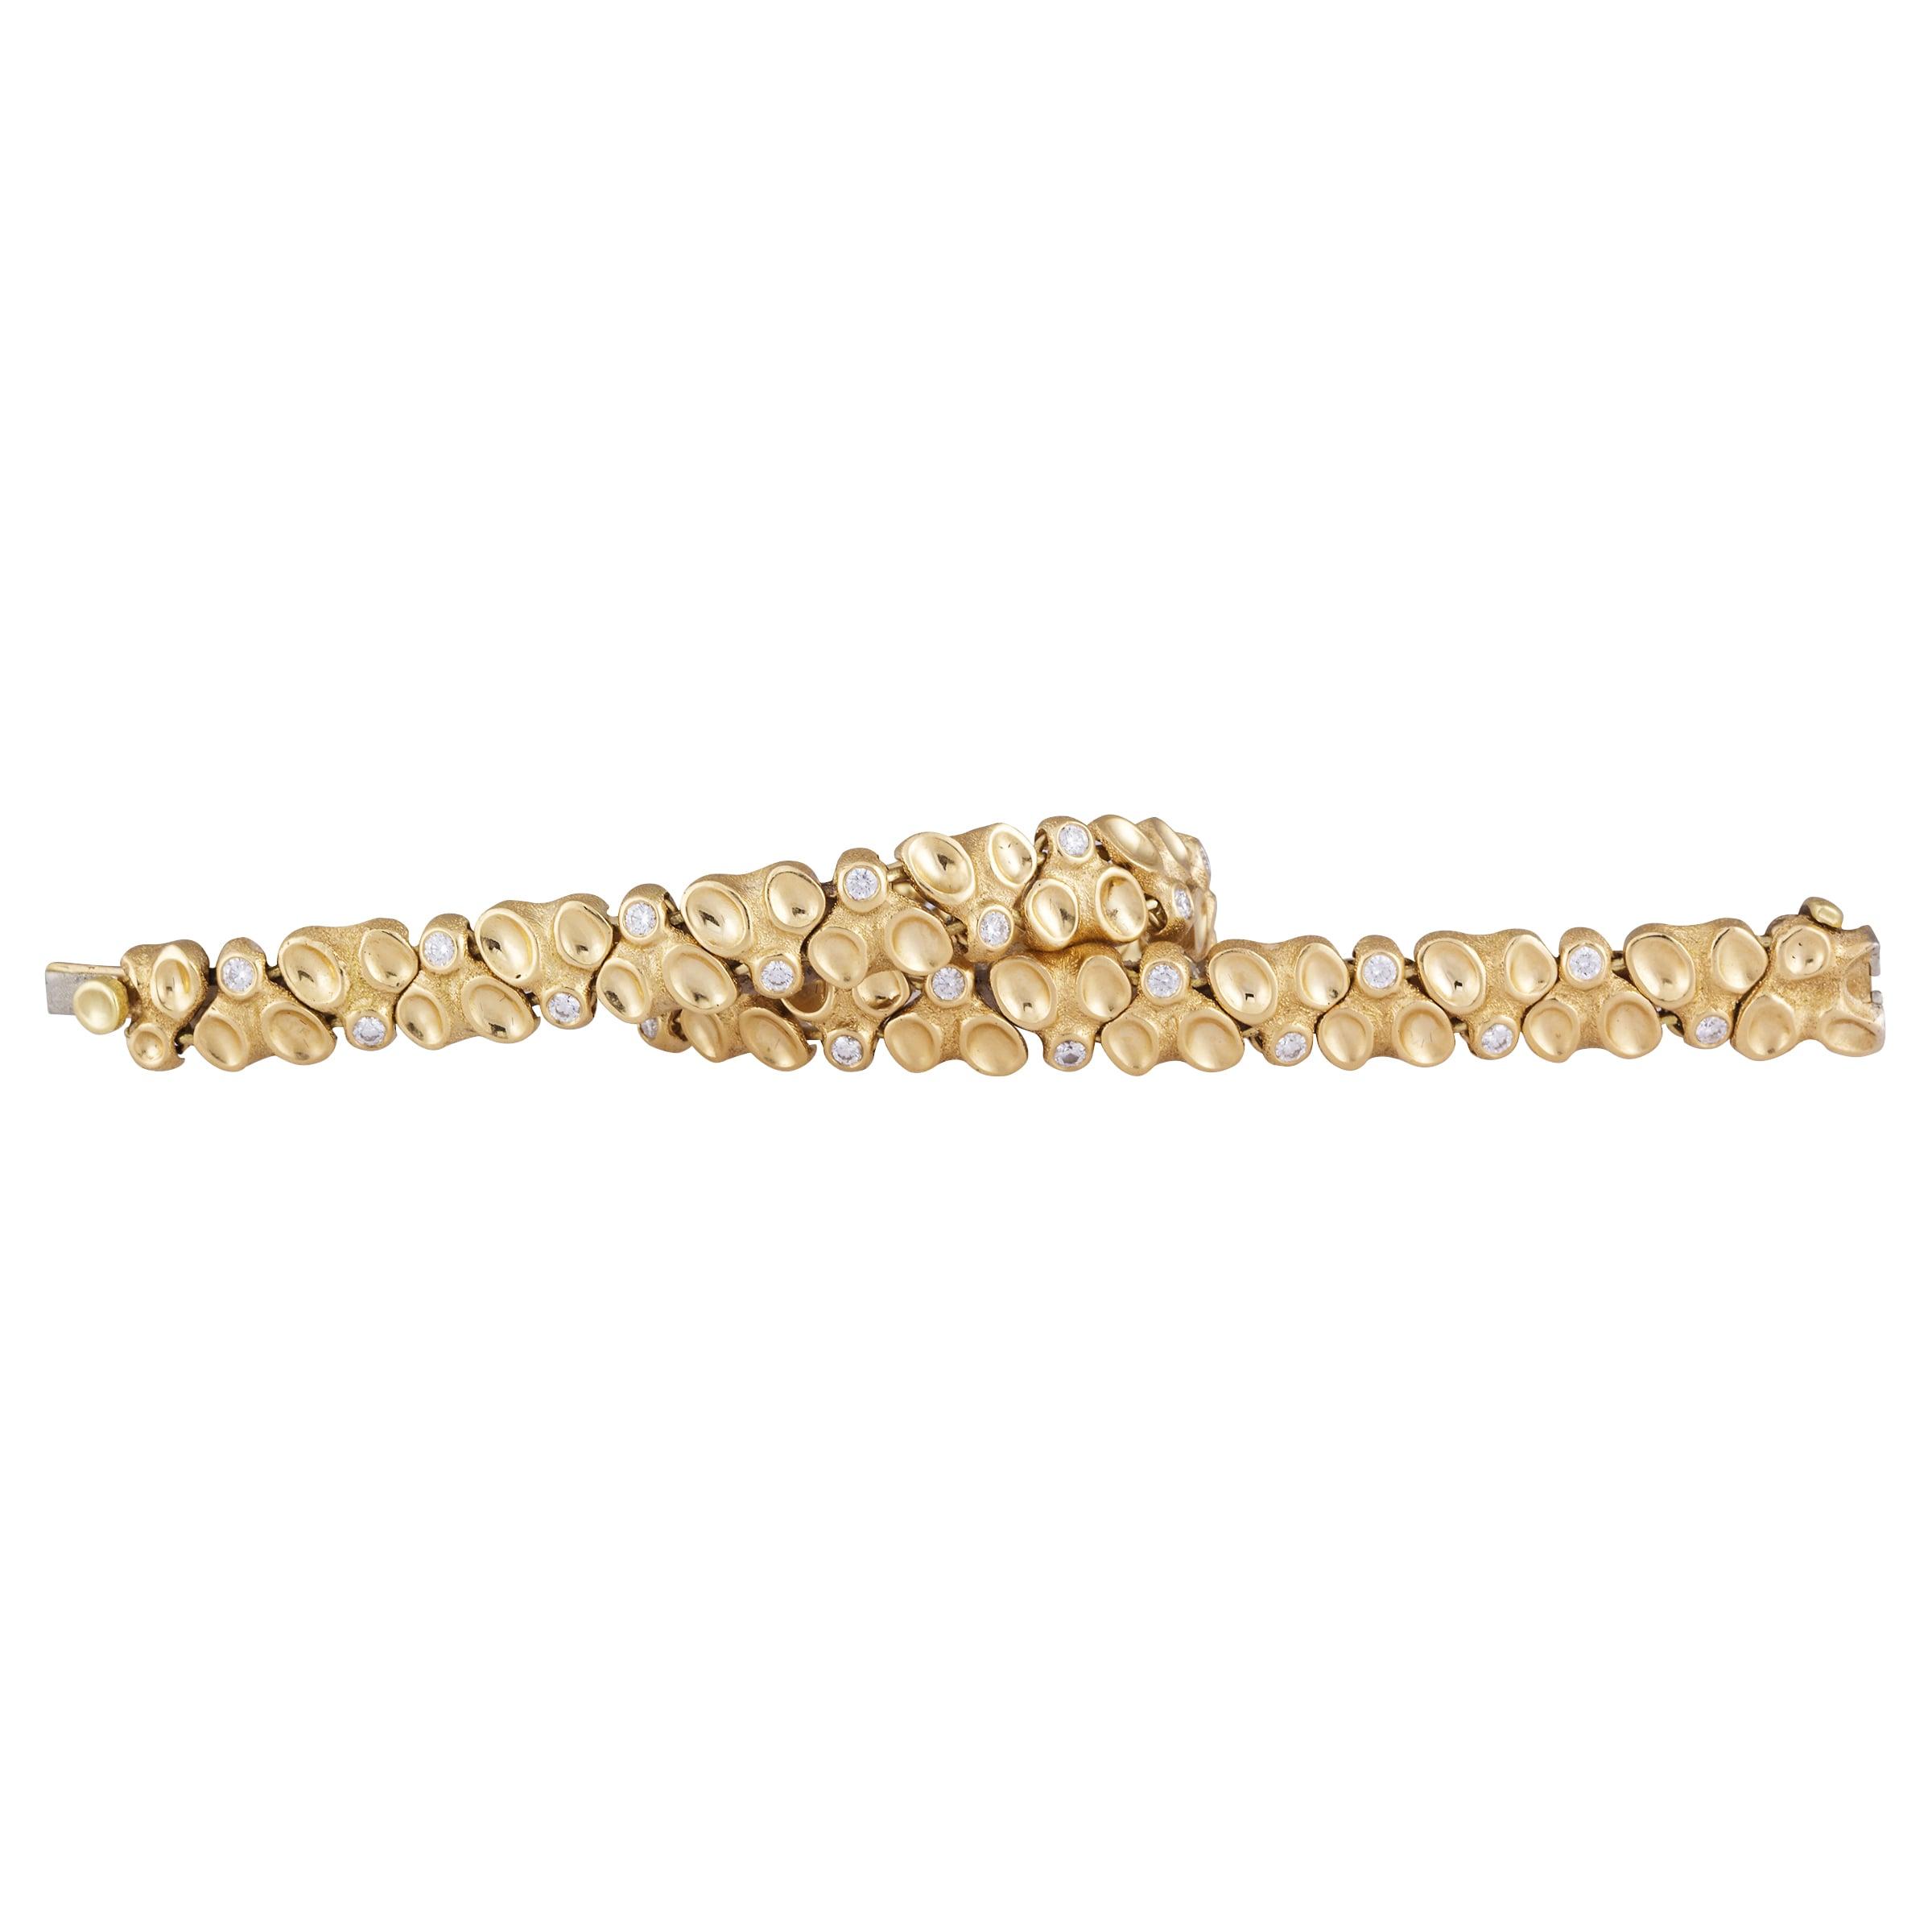 Bracelet_small.jpg